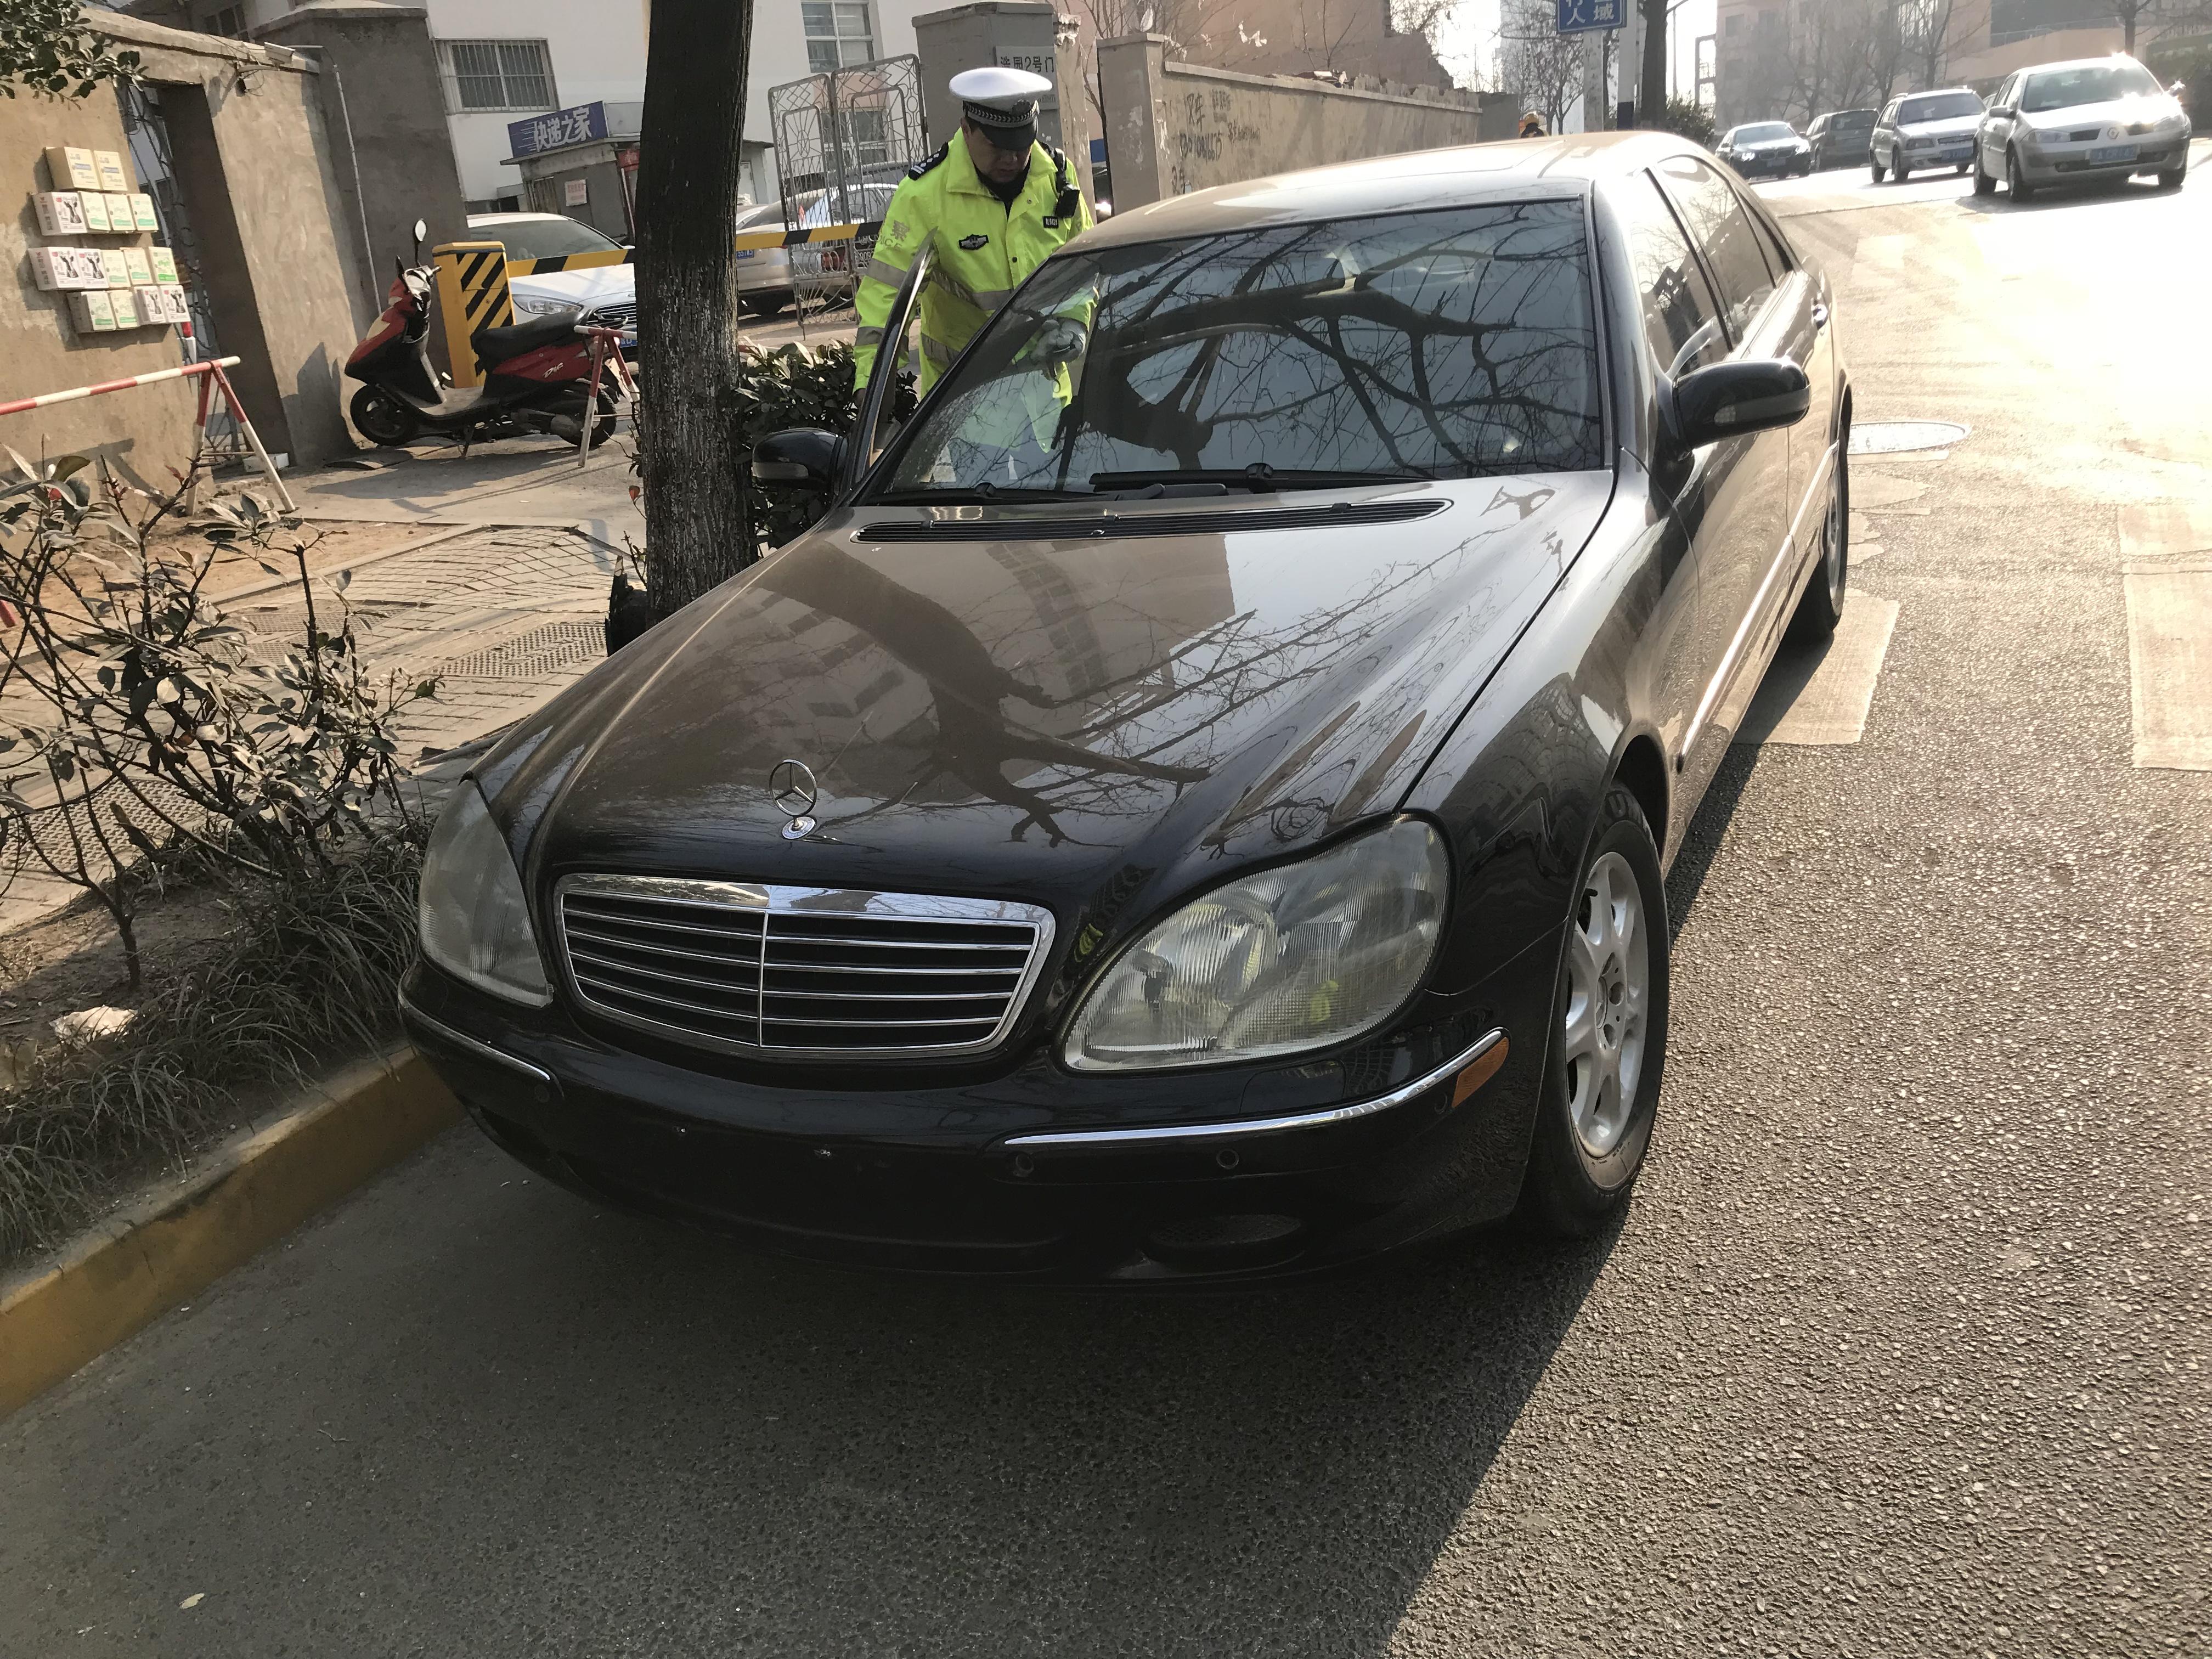 青岛:假证司机驾驶无牌奔驰在交警队门口被查